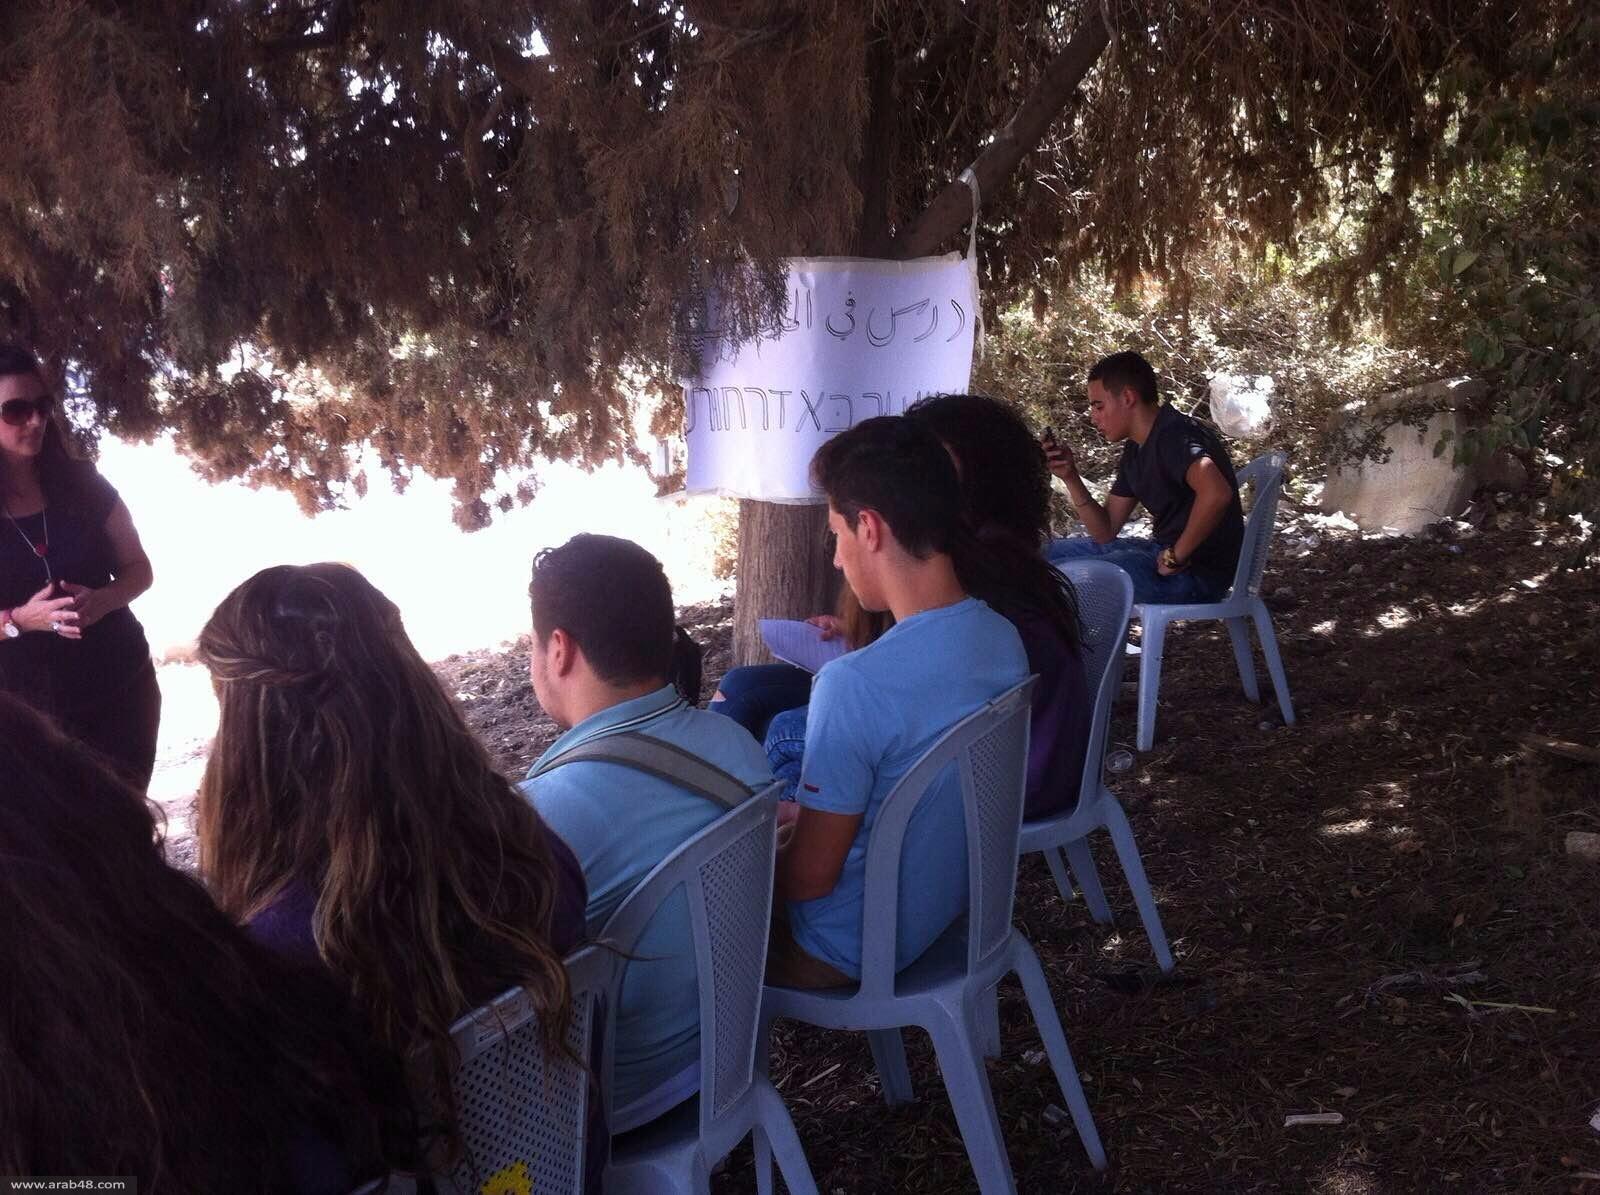 درس احتجاجي ثقافيّ في خيمة التضامن مع المدارس الأهلية بالناصرة